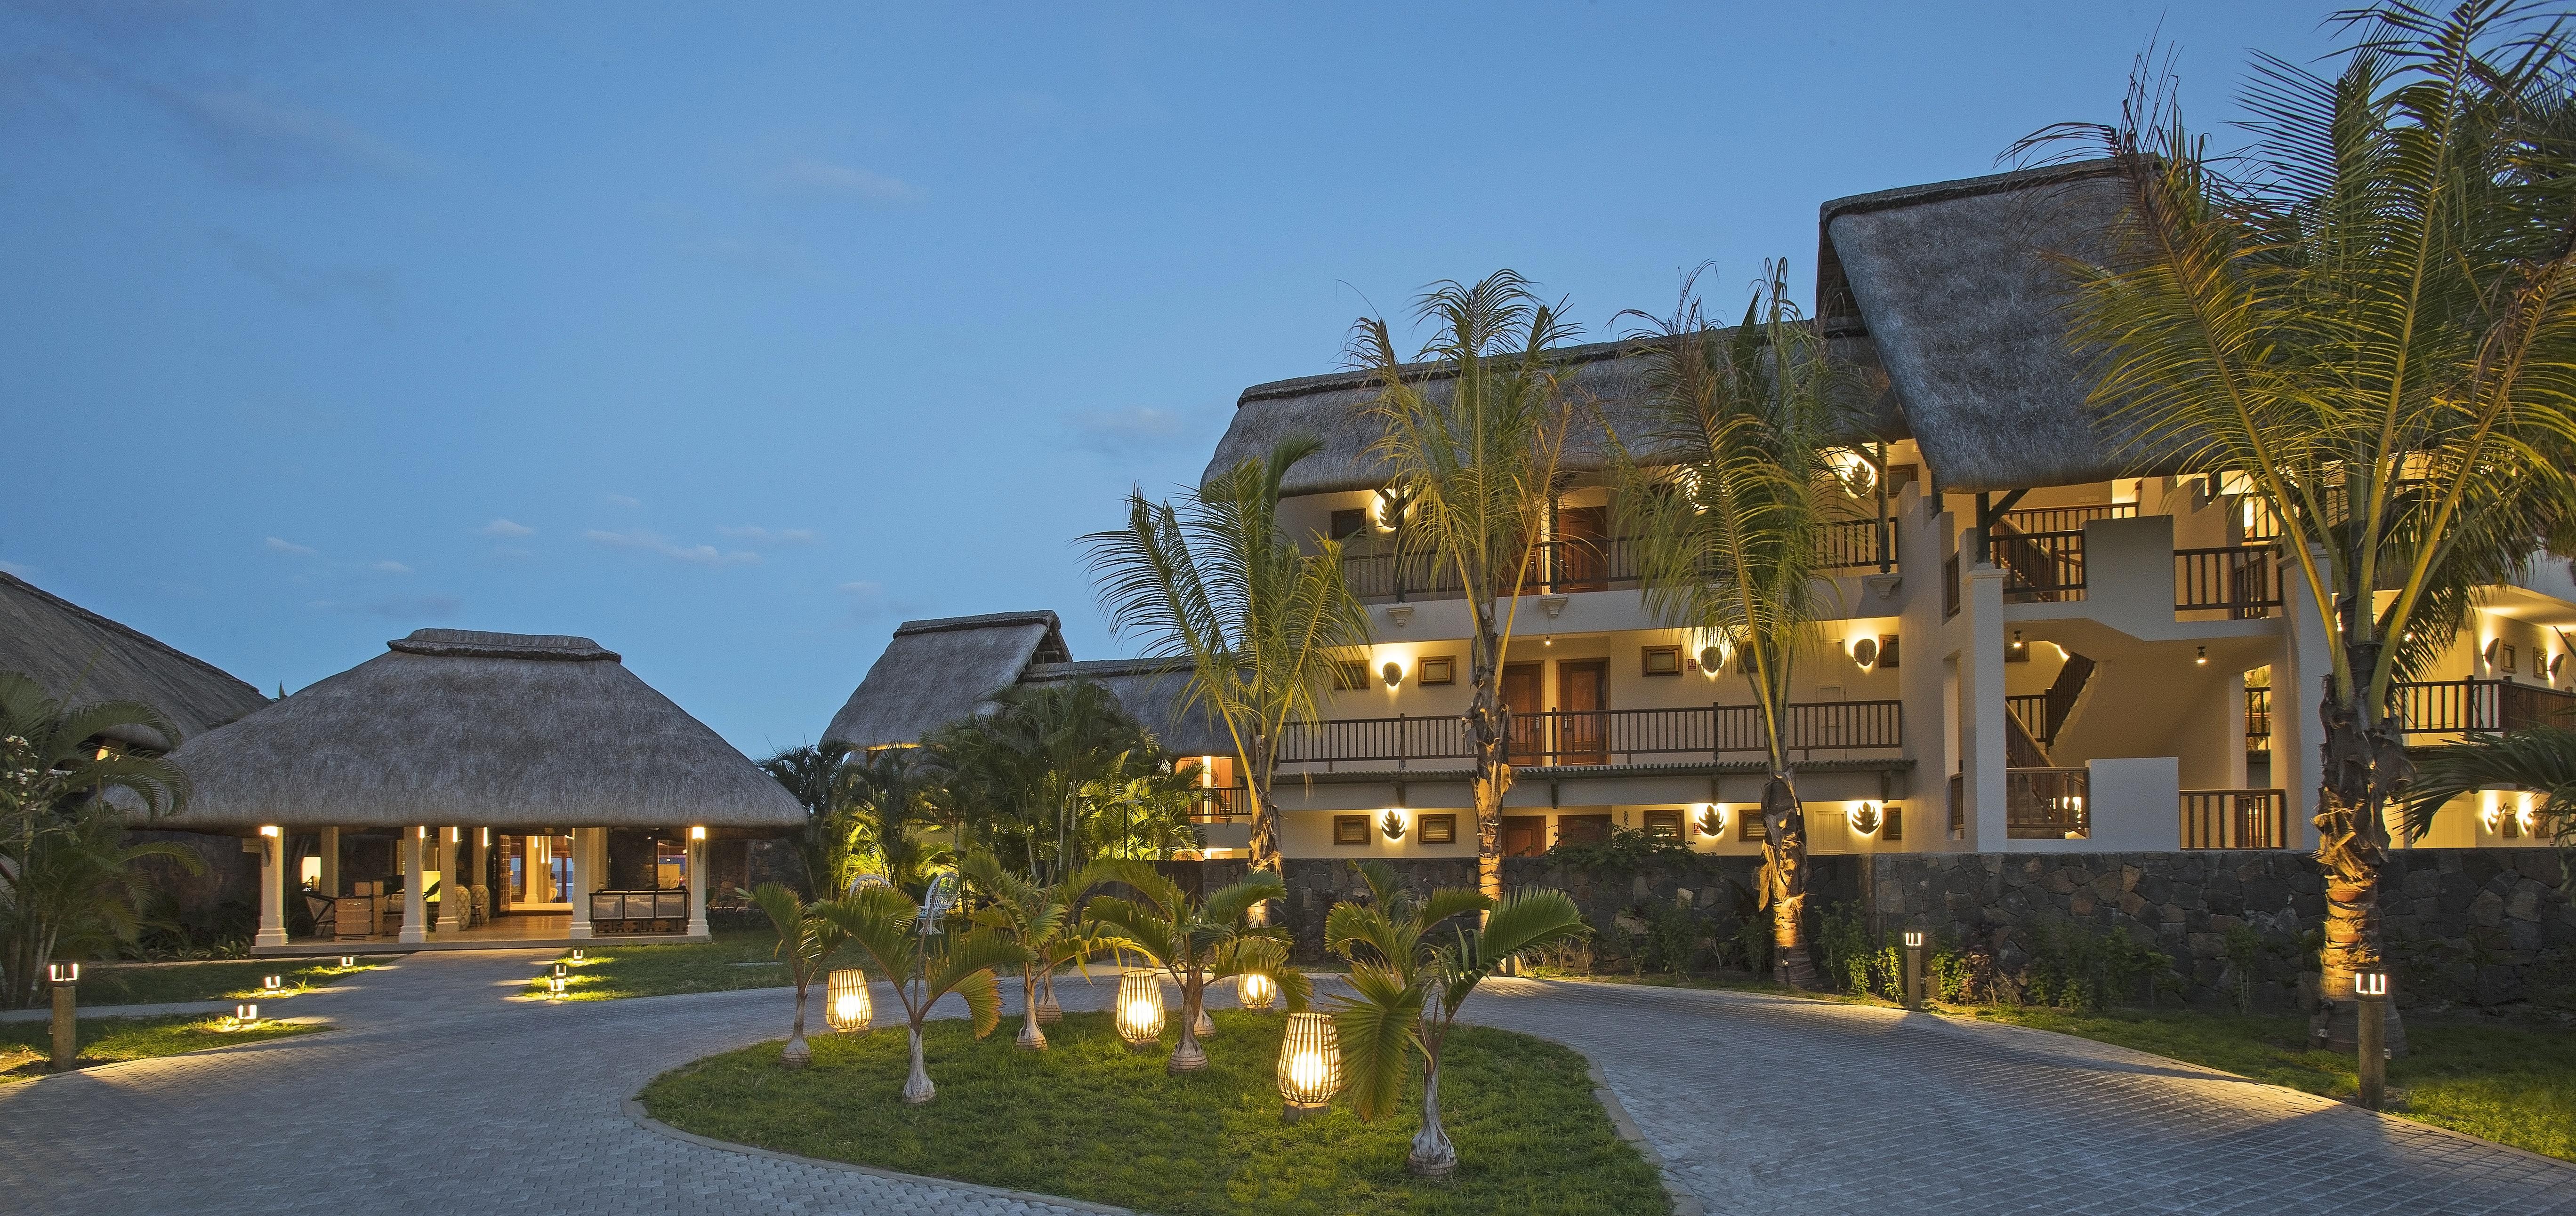 C Mauritius, night view